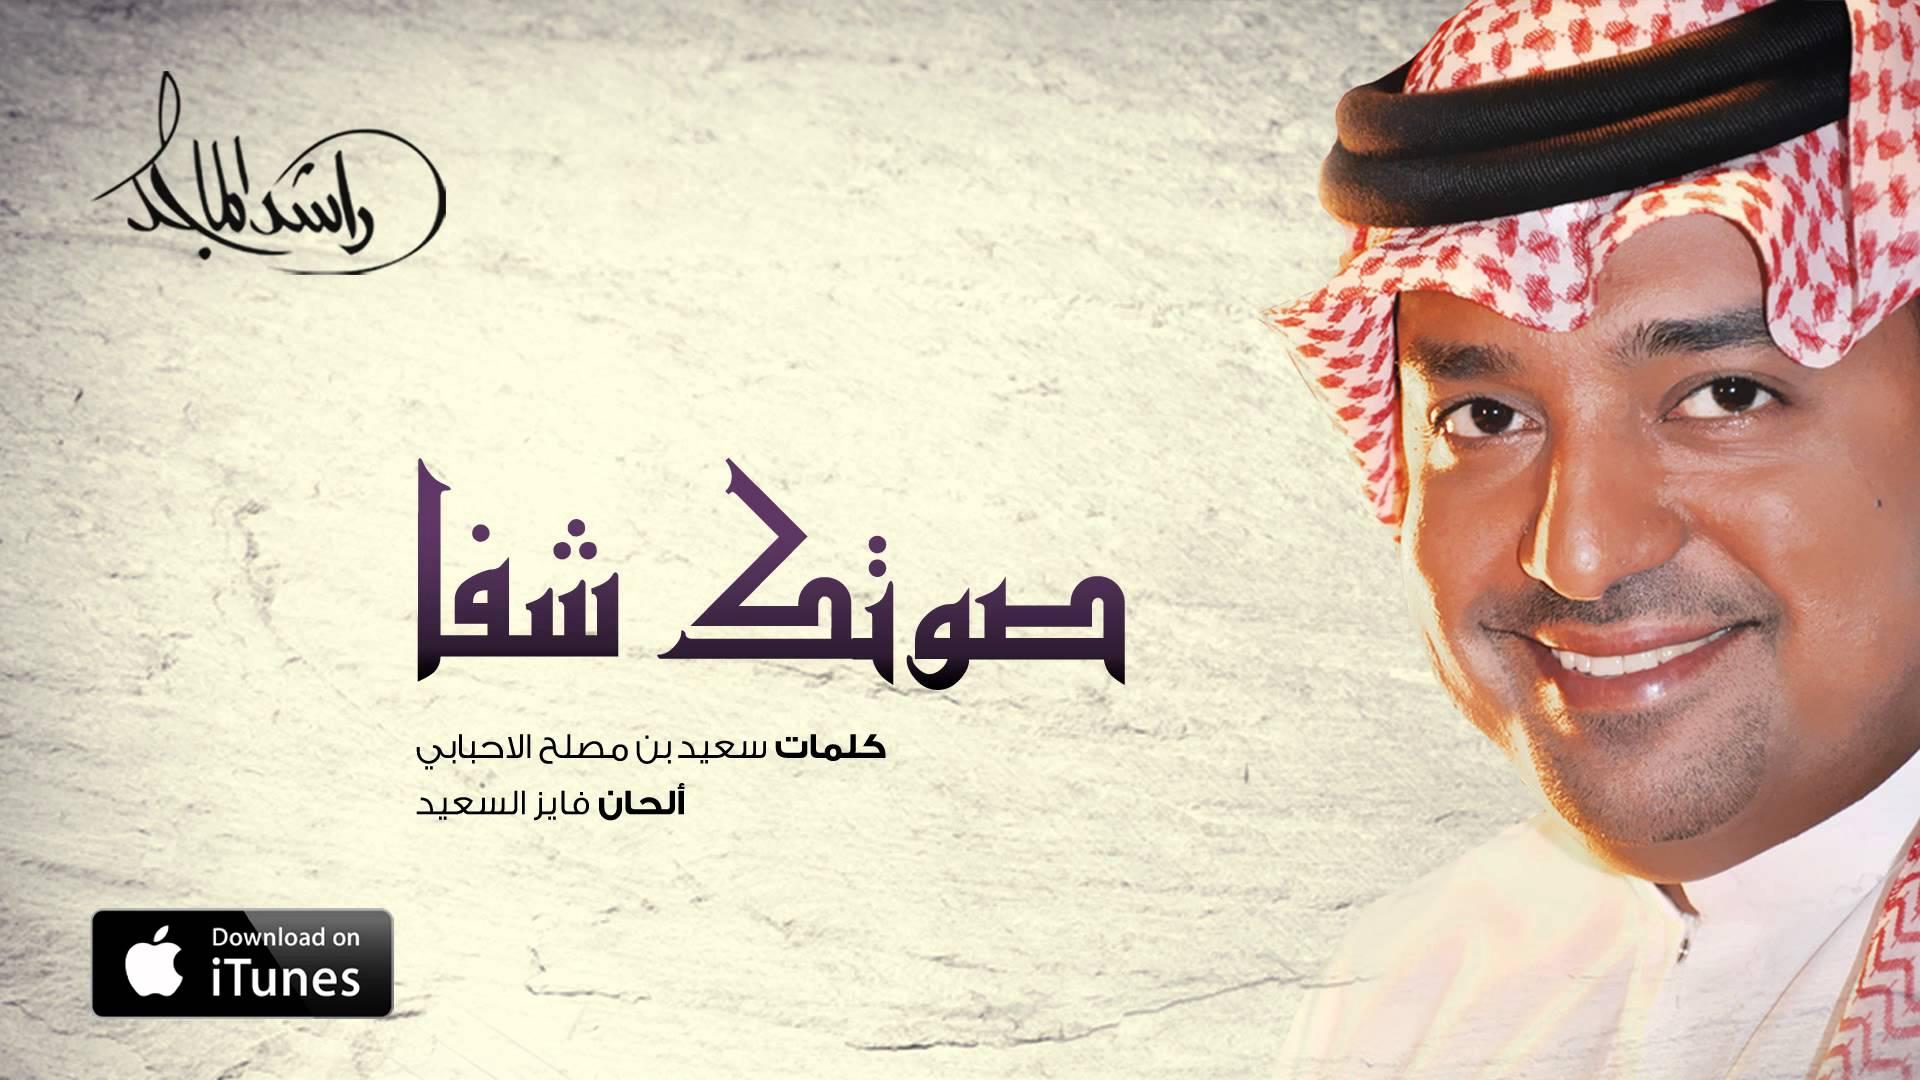 """""""صوتك شفا"""" راشد الماجد يفجر الوسط الفني بأغنيته الجديدة"""